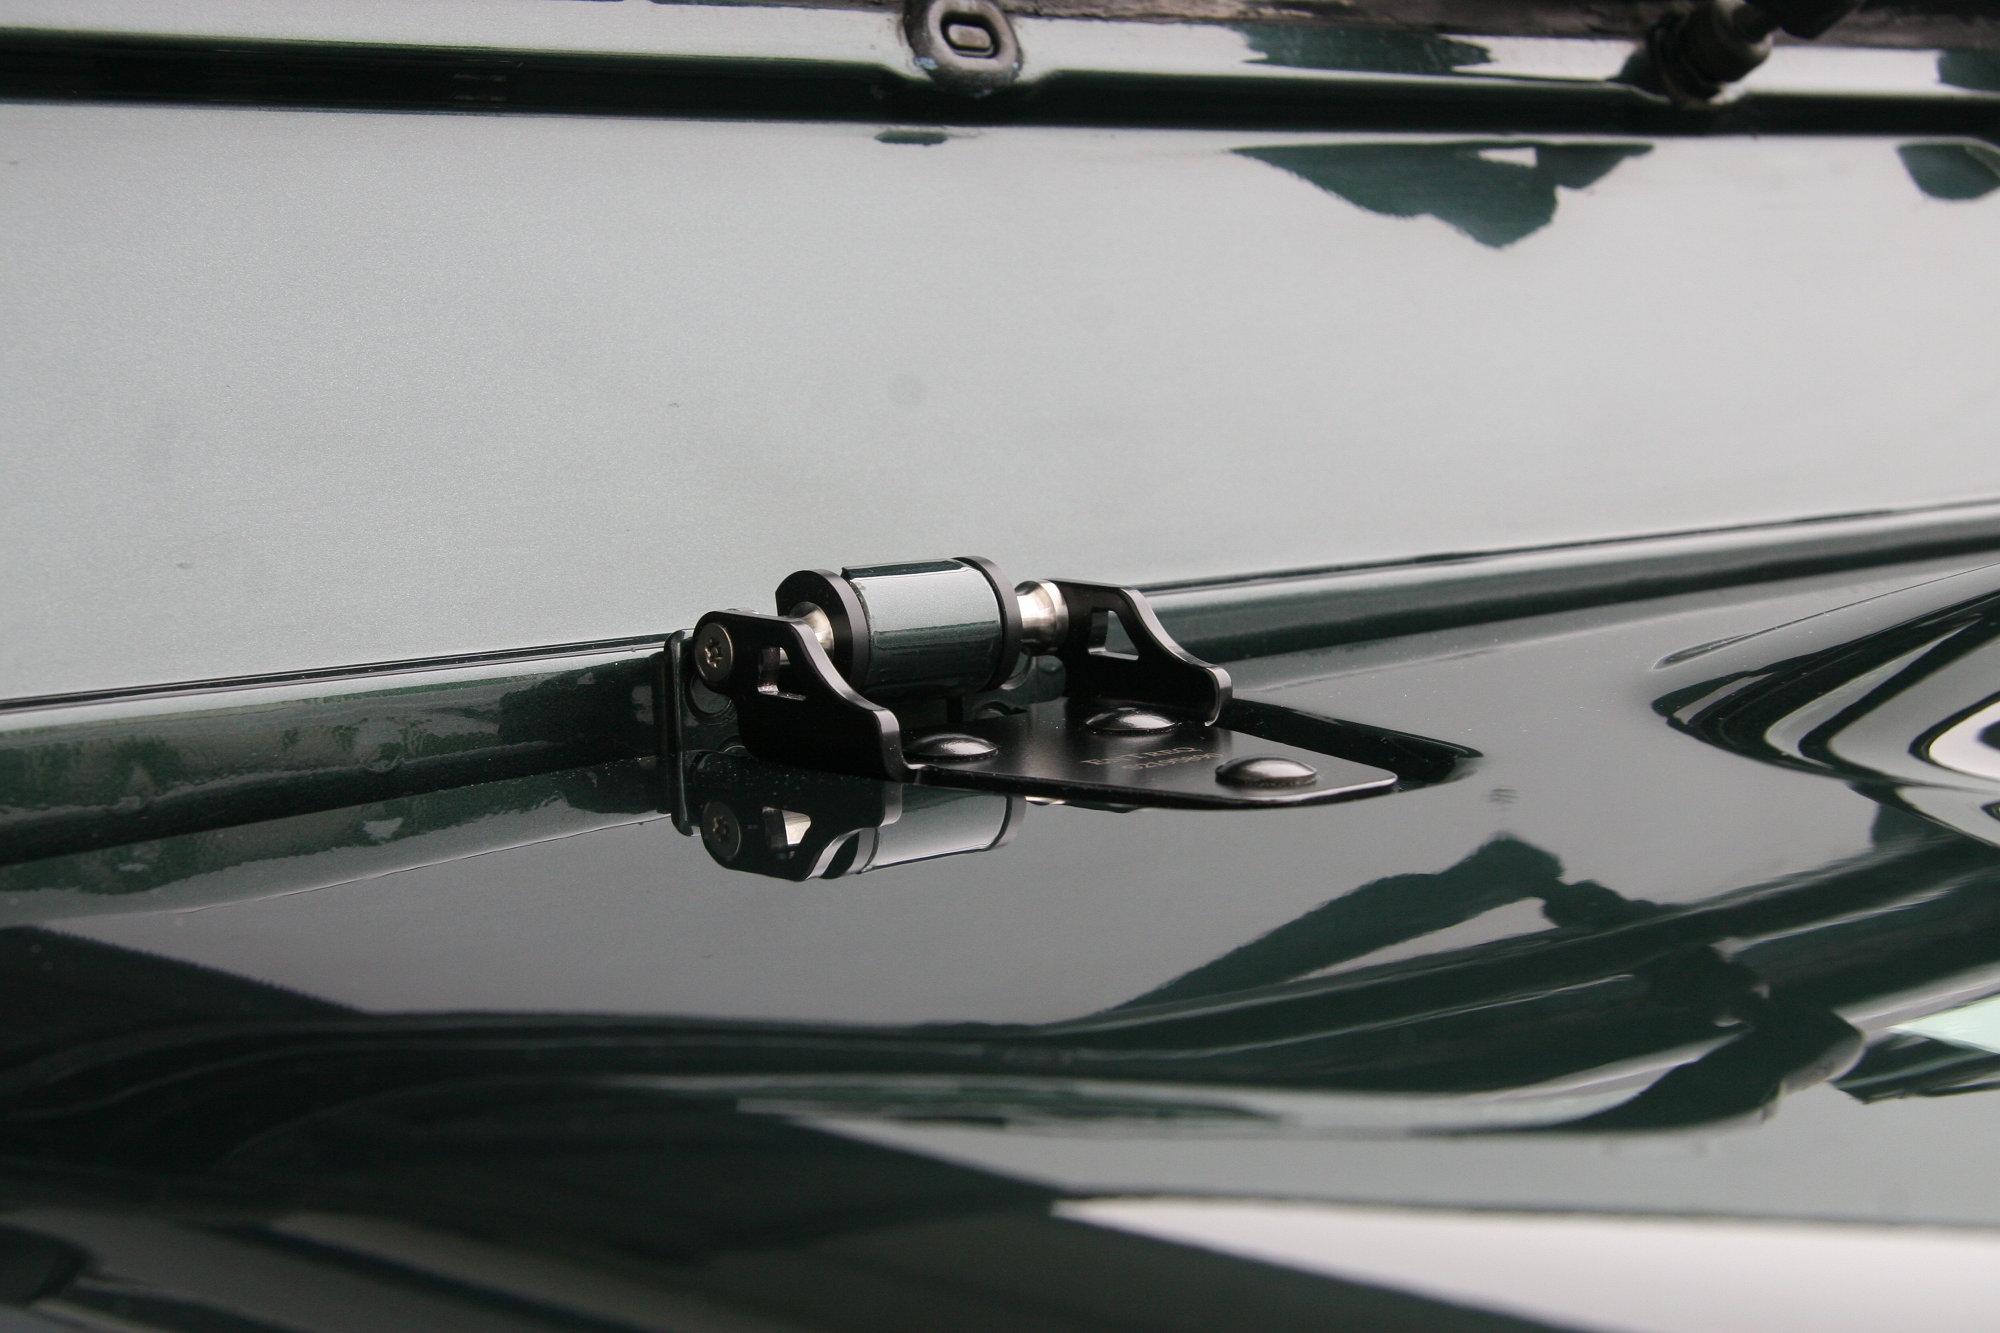 Haubenscharnier Land Rover Defender.002